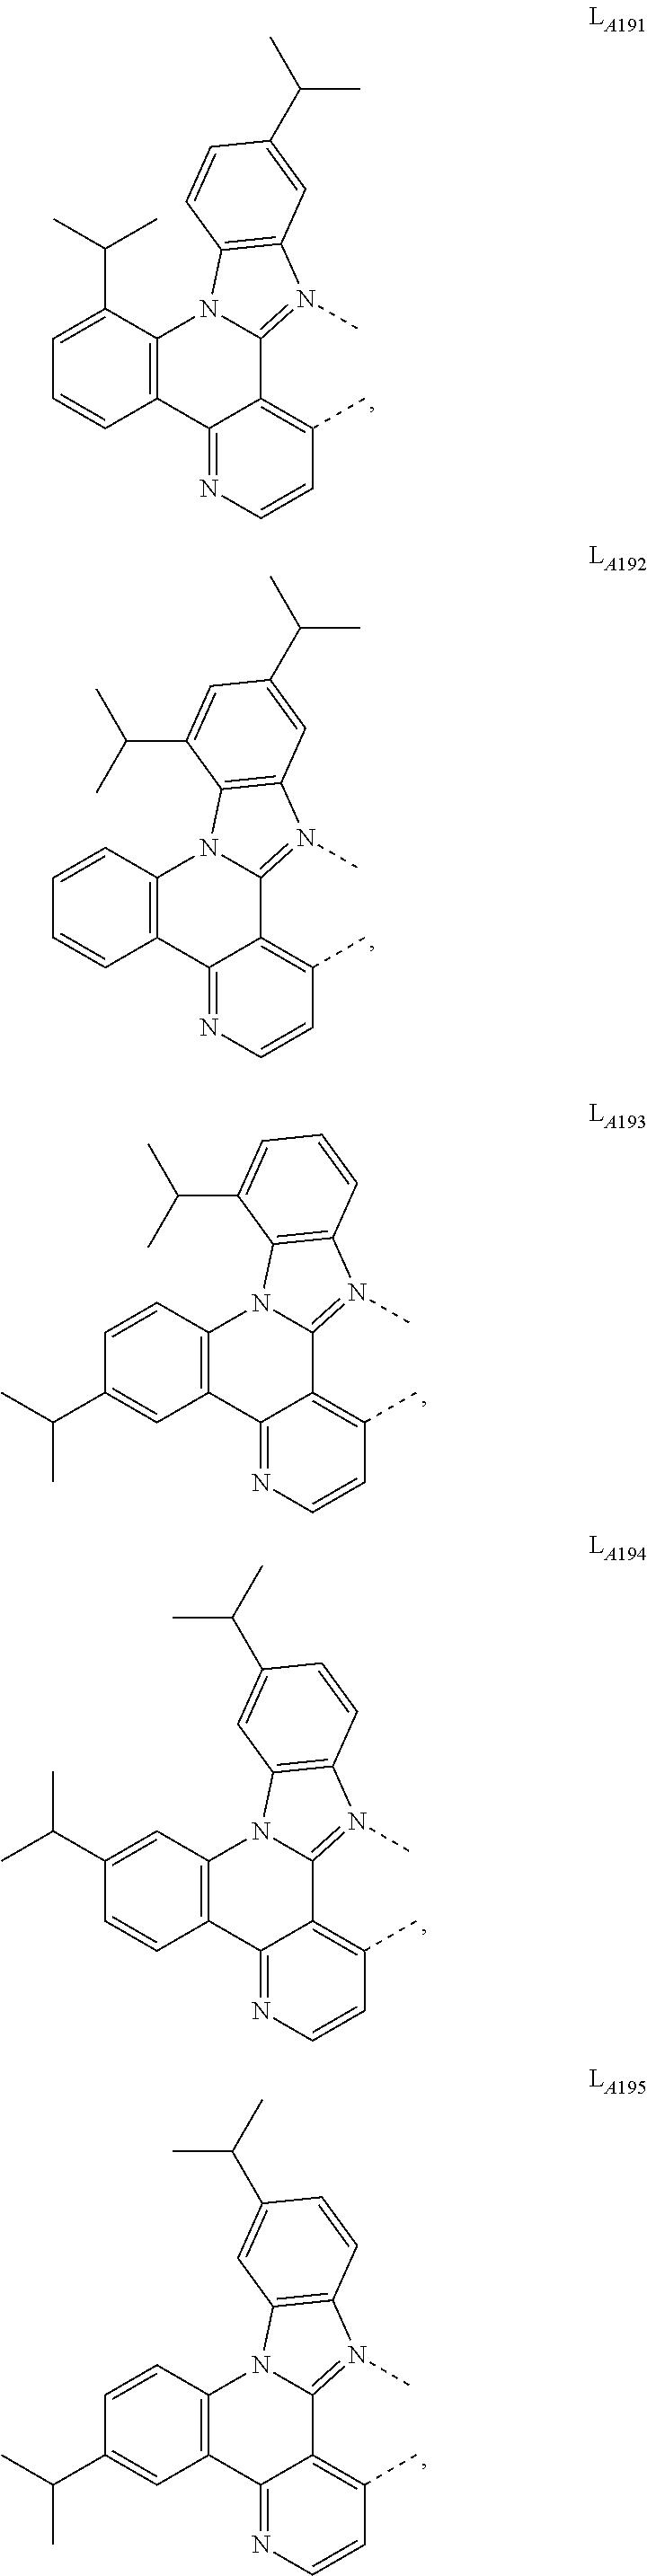 Figure US09905785-20180227-C00465